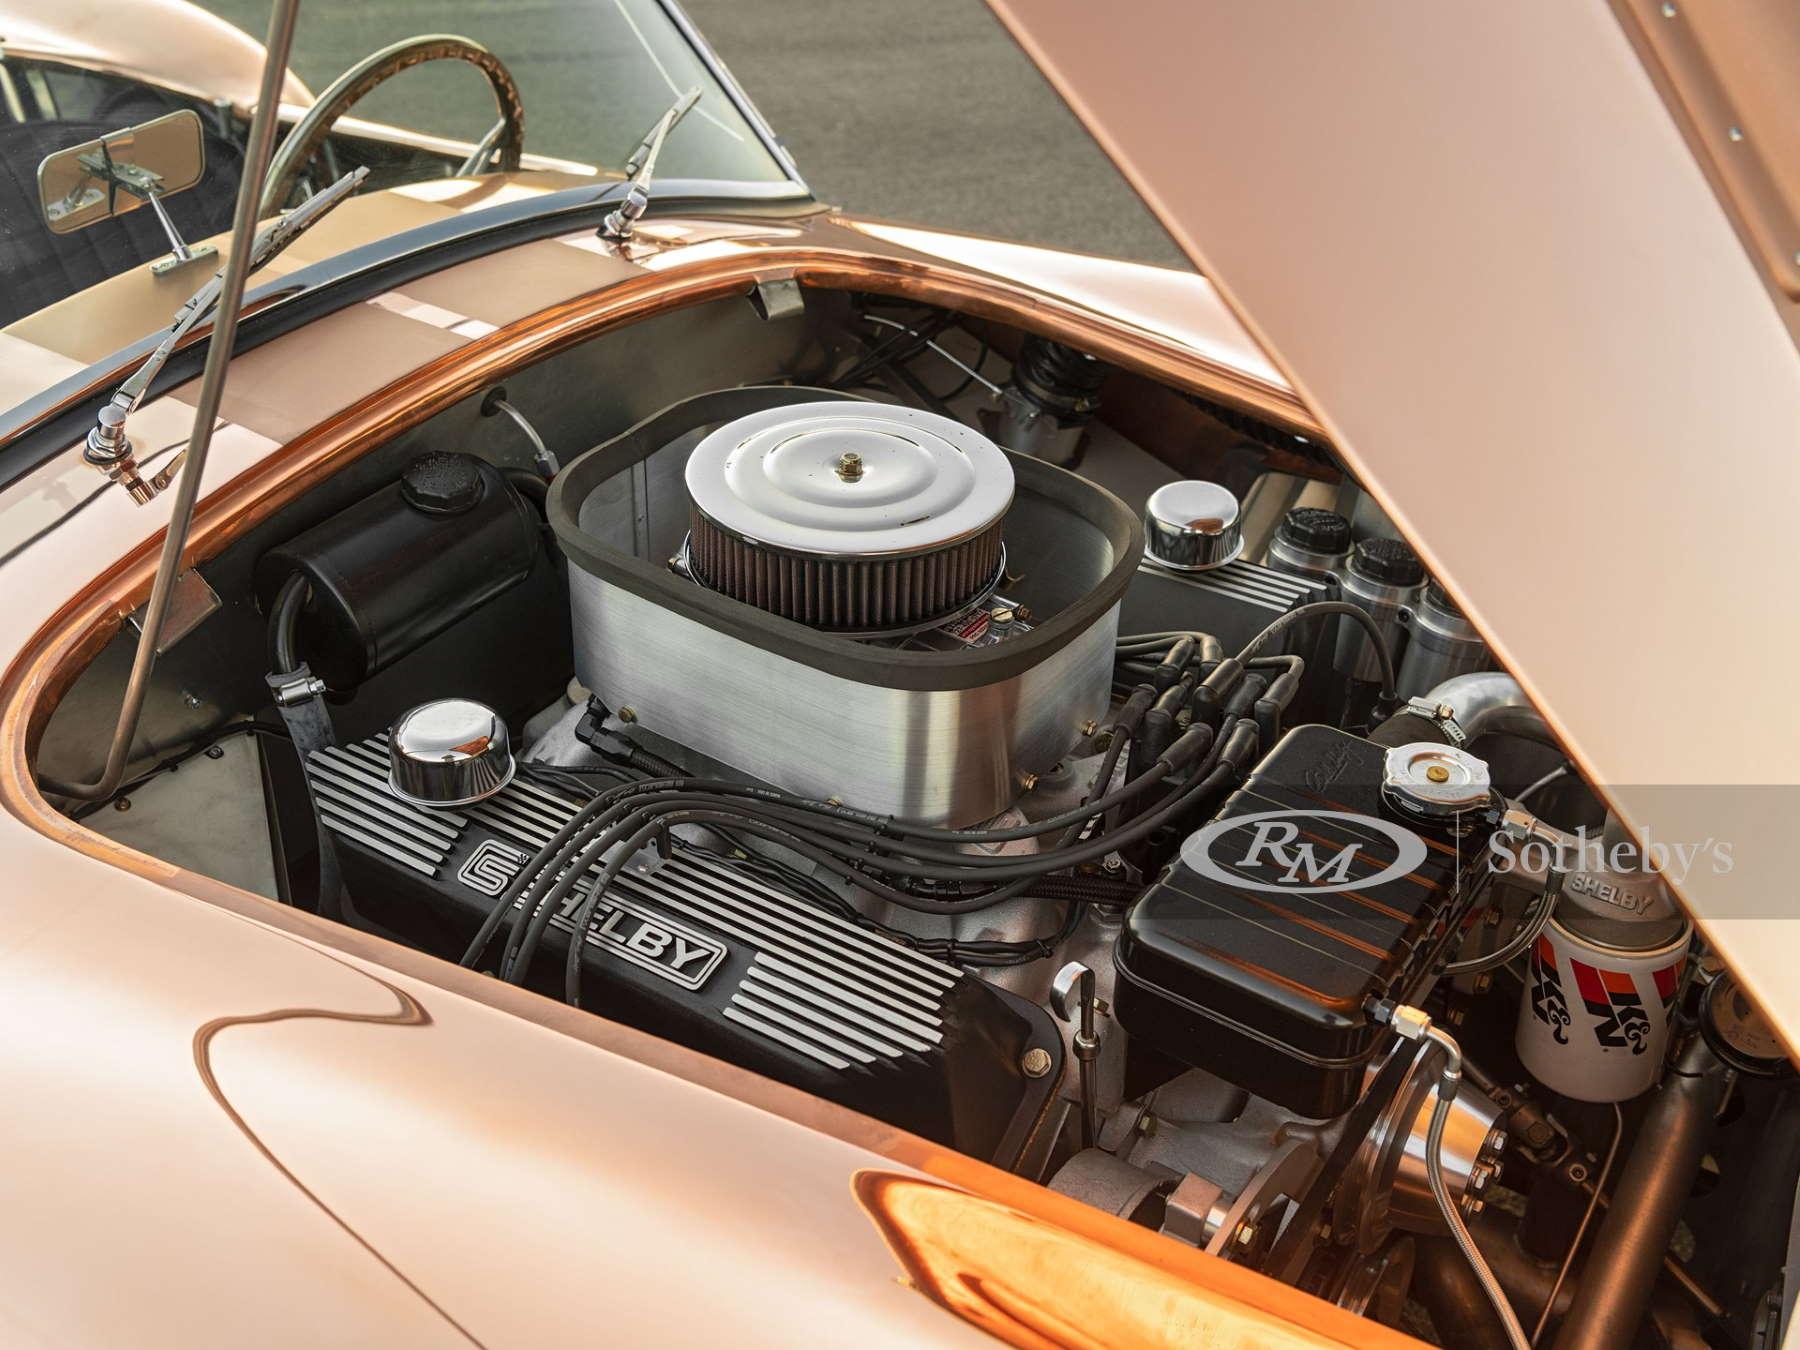 Shelby Cobra il motore da 7.6 litri